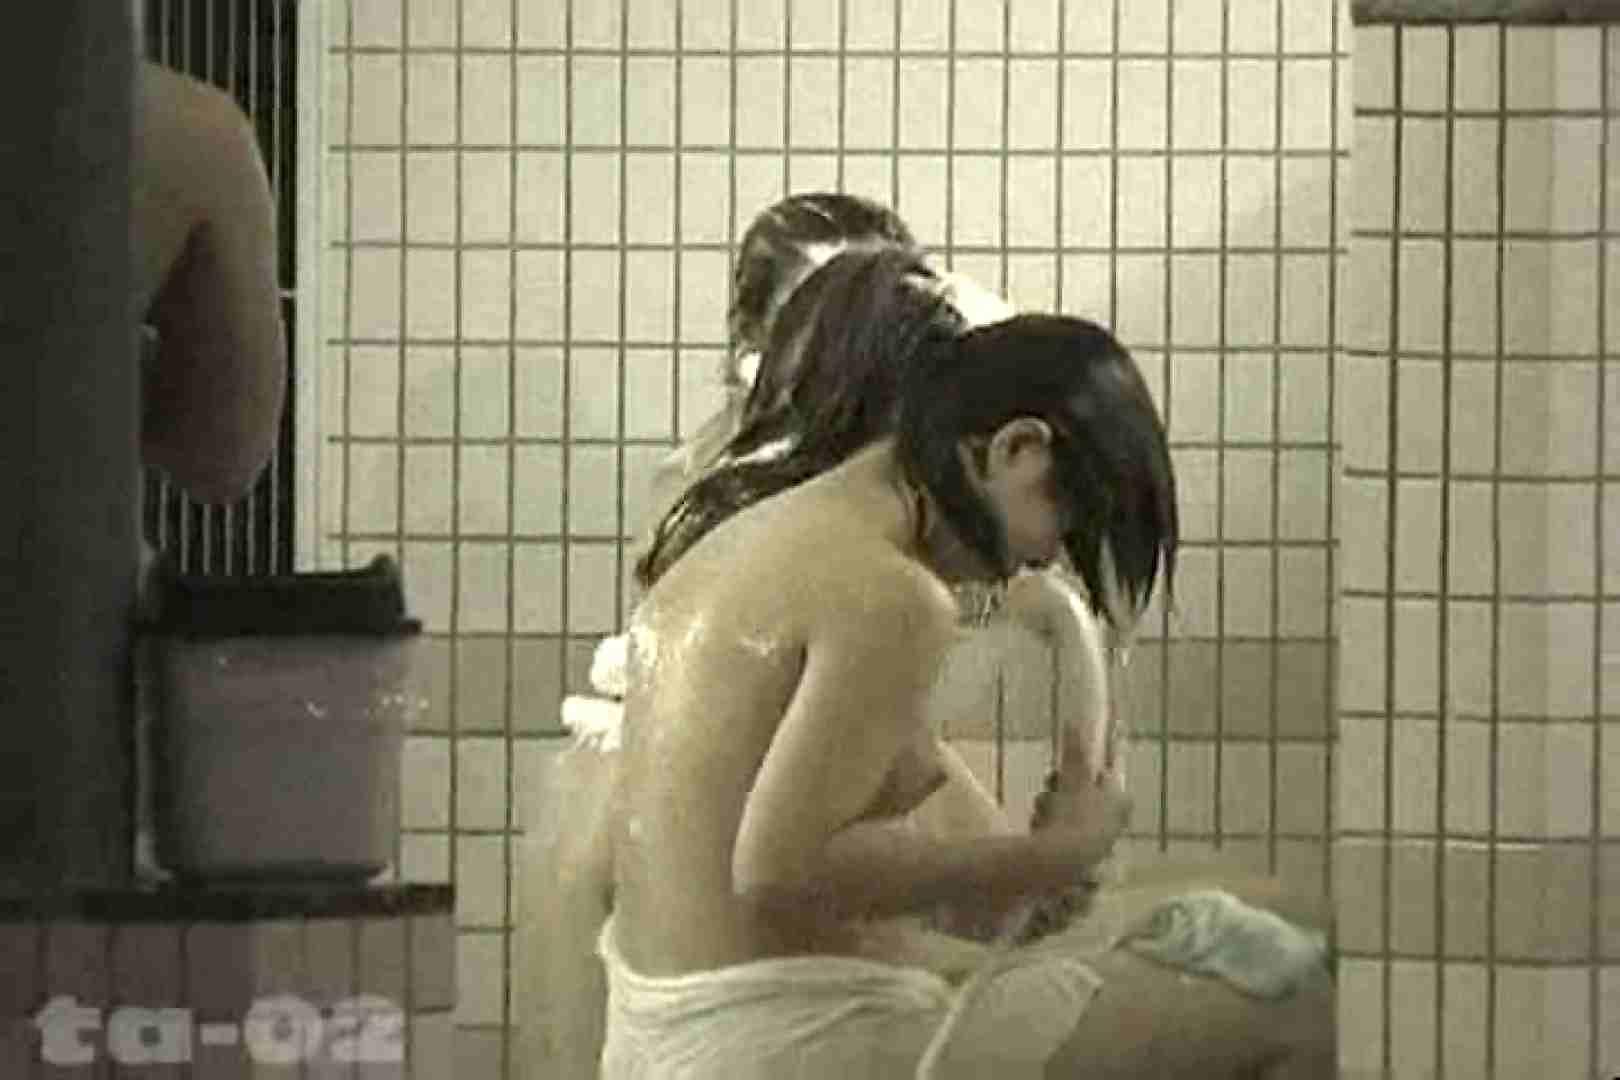 合宿ホテル女風呂盗撮高画質版 Vol.02 女風呂  76pic 5